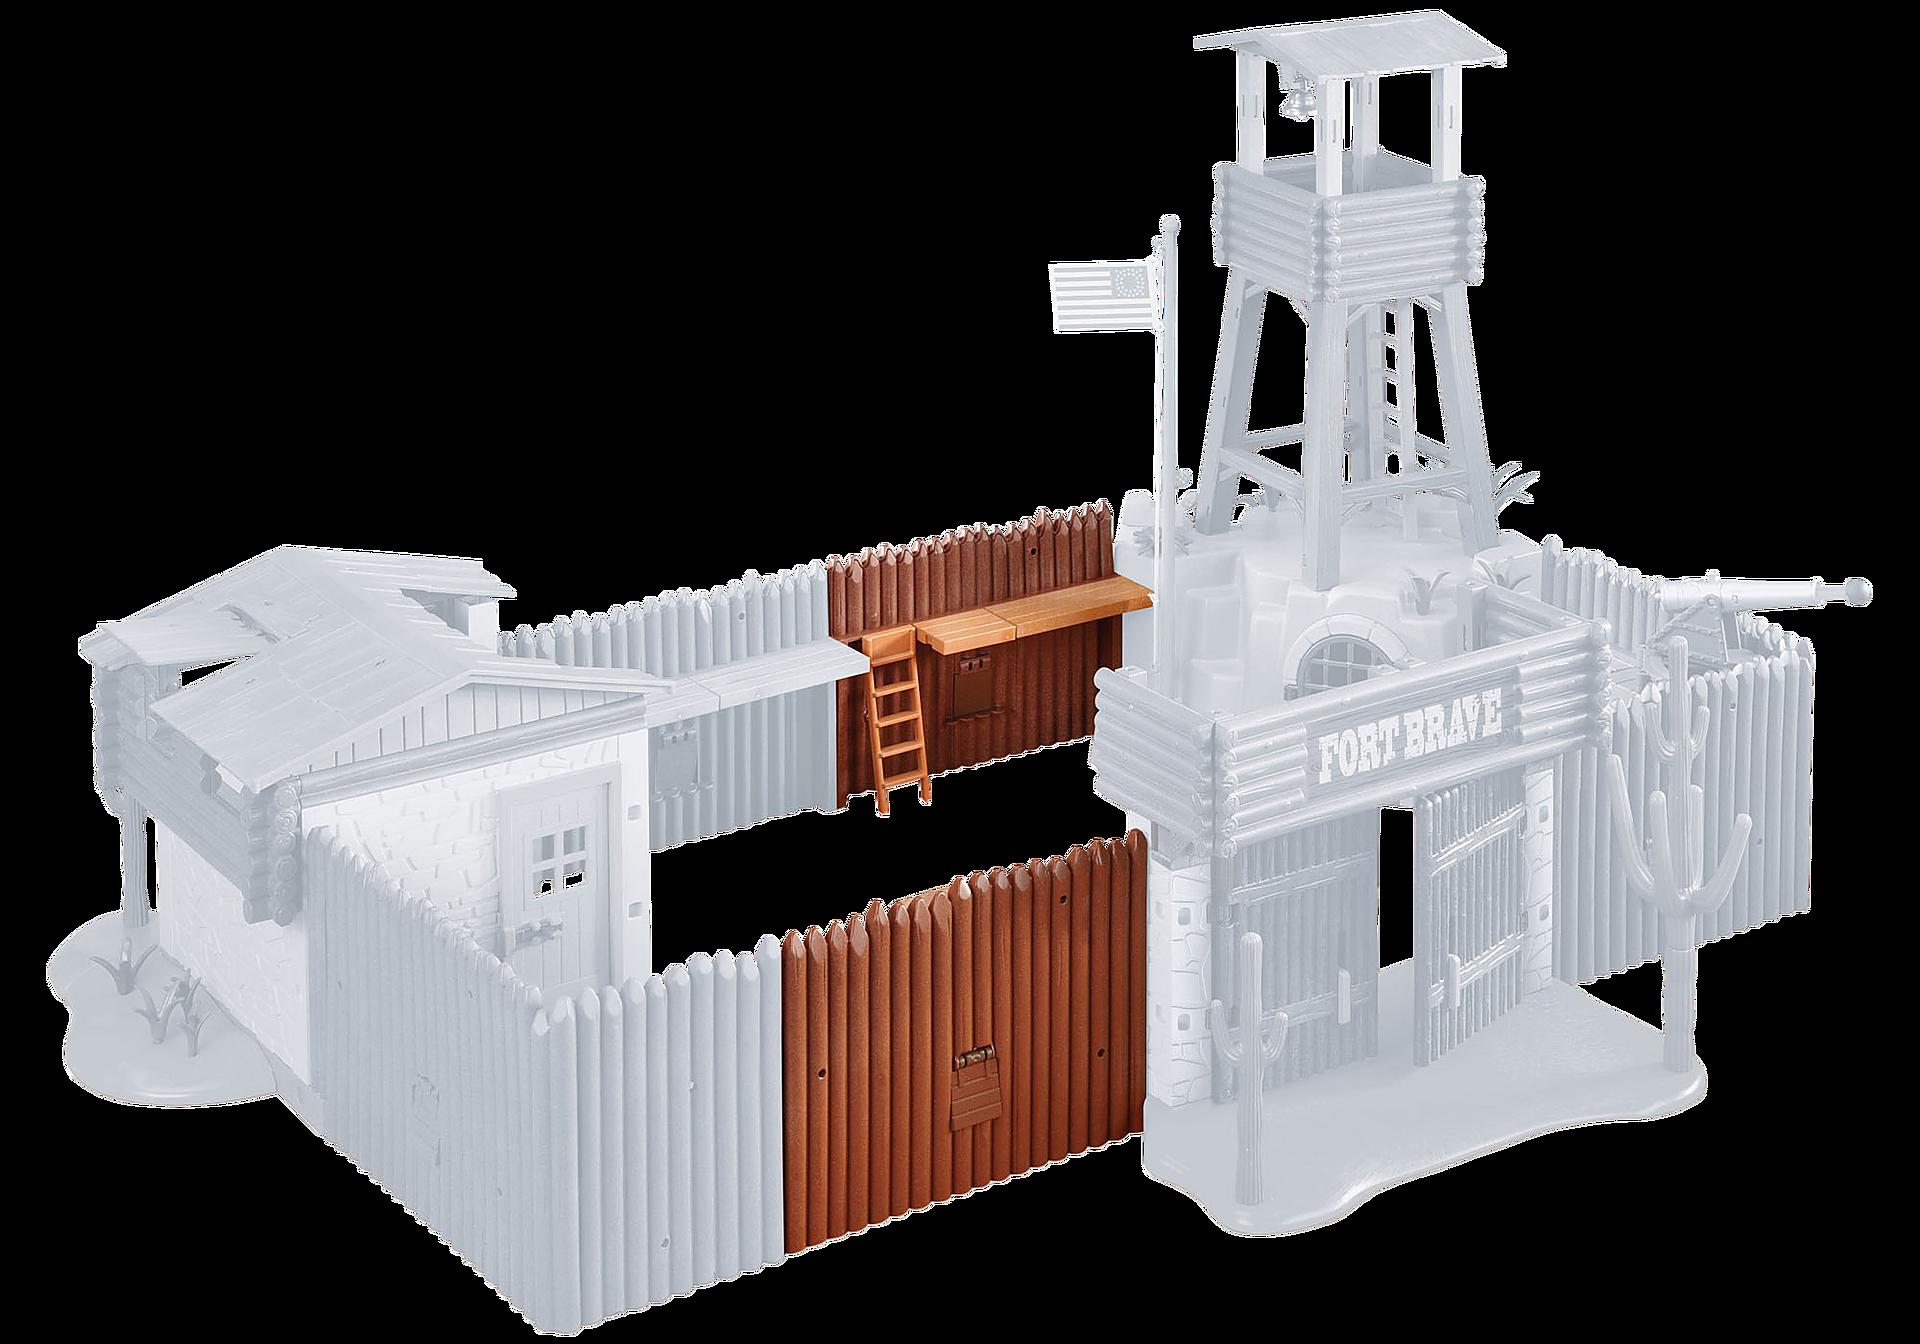 http://media.playmobil.com/i/playmobil/6270_product_detail/Palissades d'extension pour le Grand fort des soldats américains